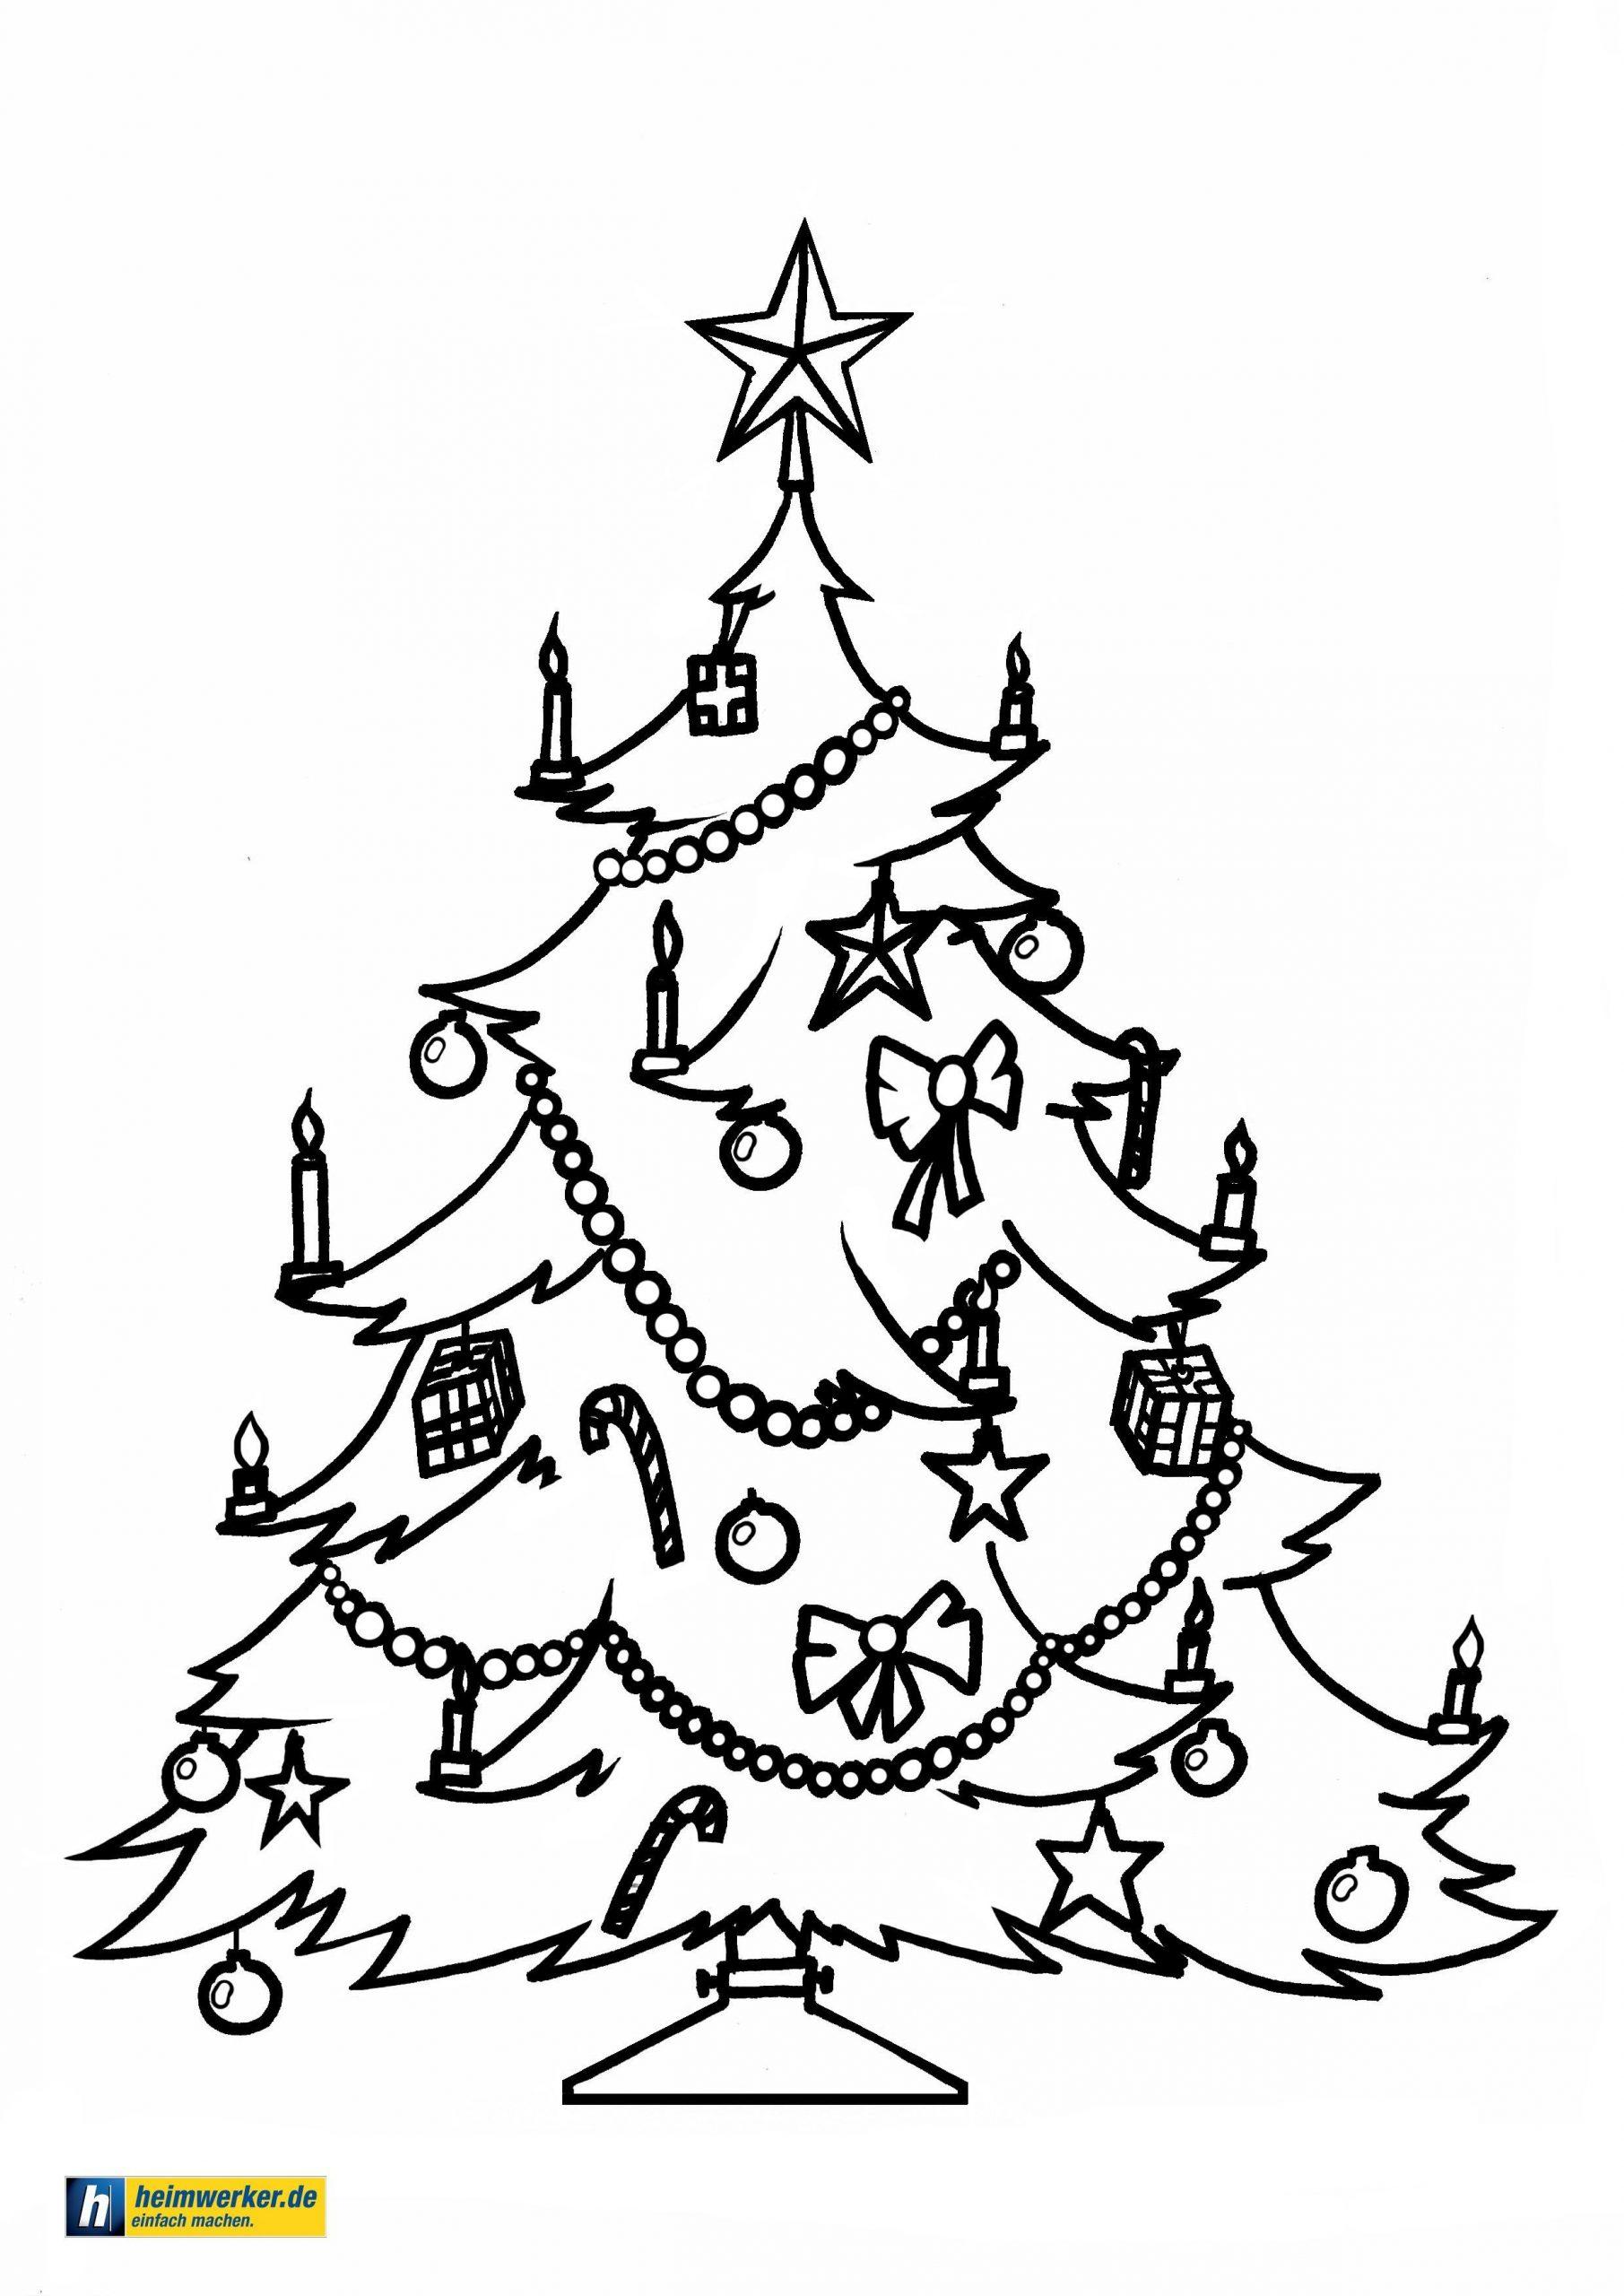 Malvorlagen Weihnachten Und Advent – Kostenlose bestimmt für Kostenlose Weihnachtsmotive